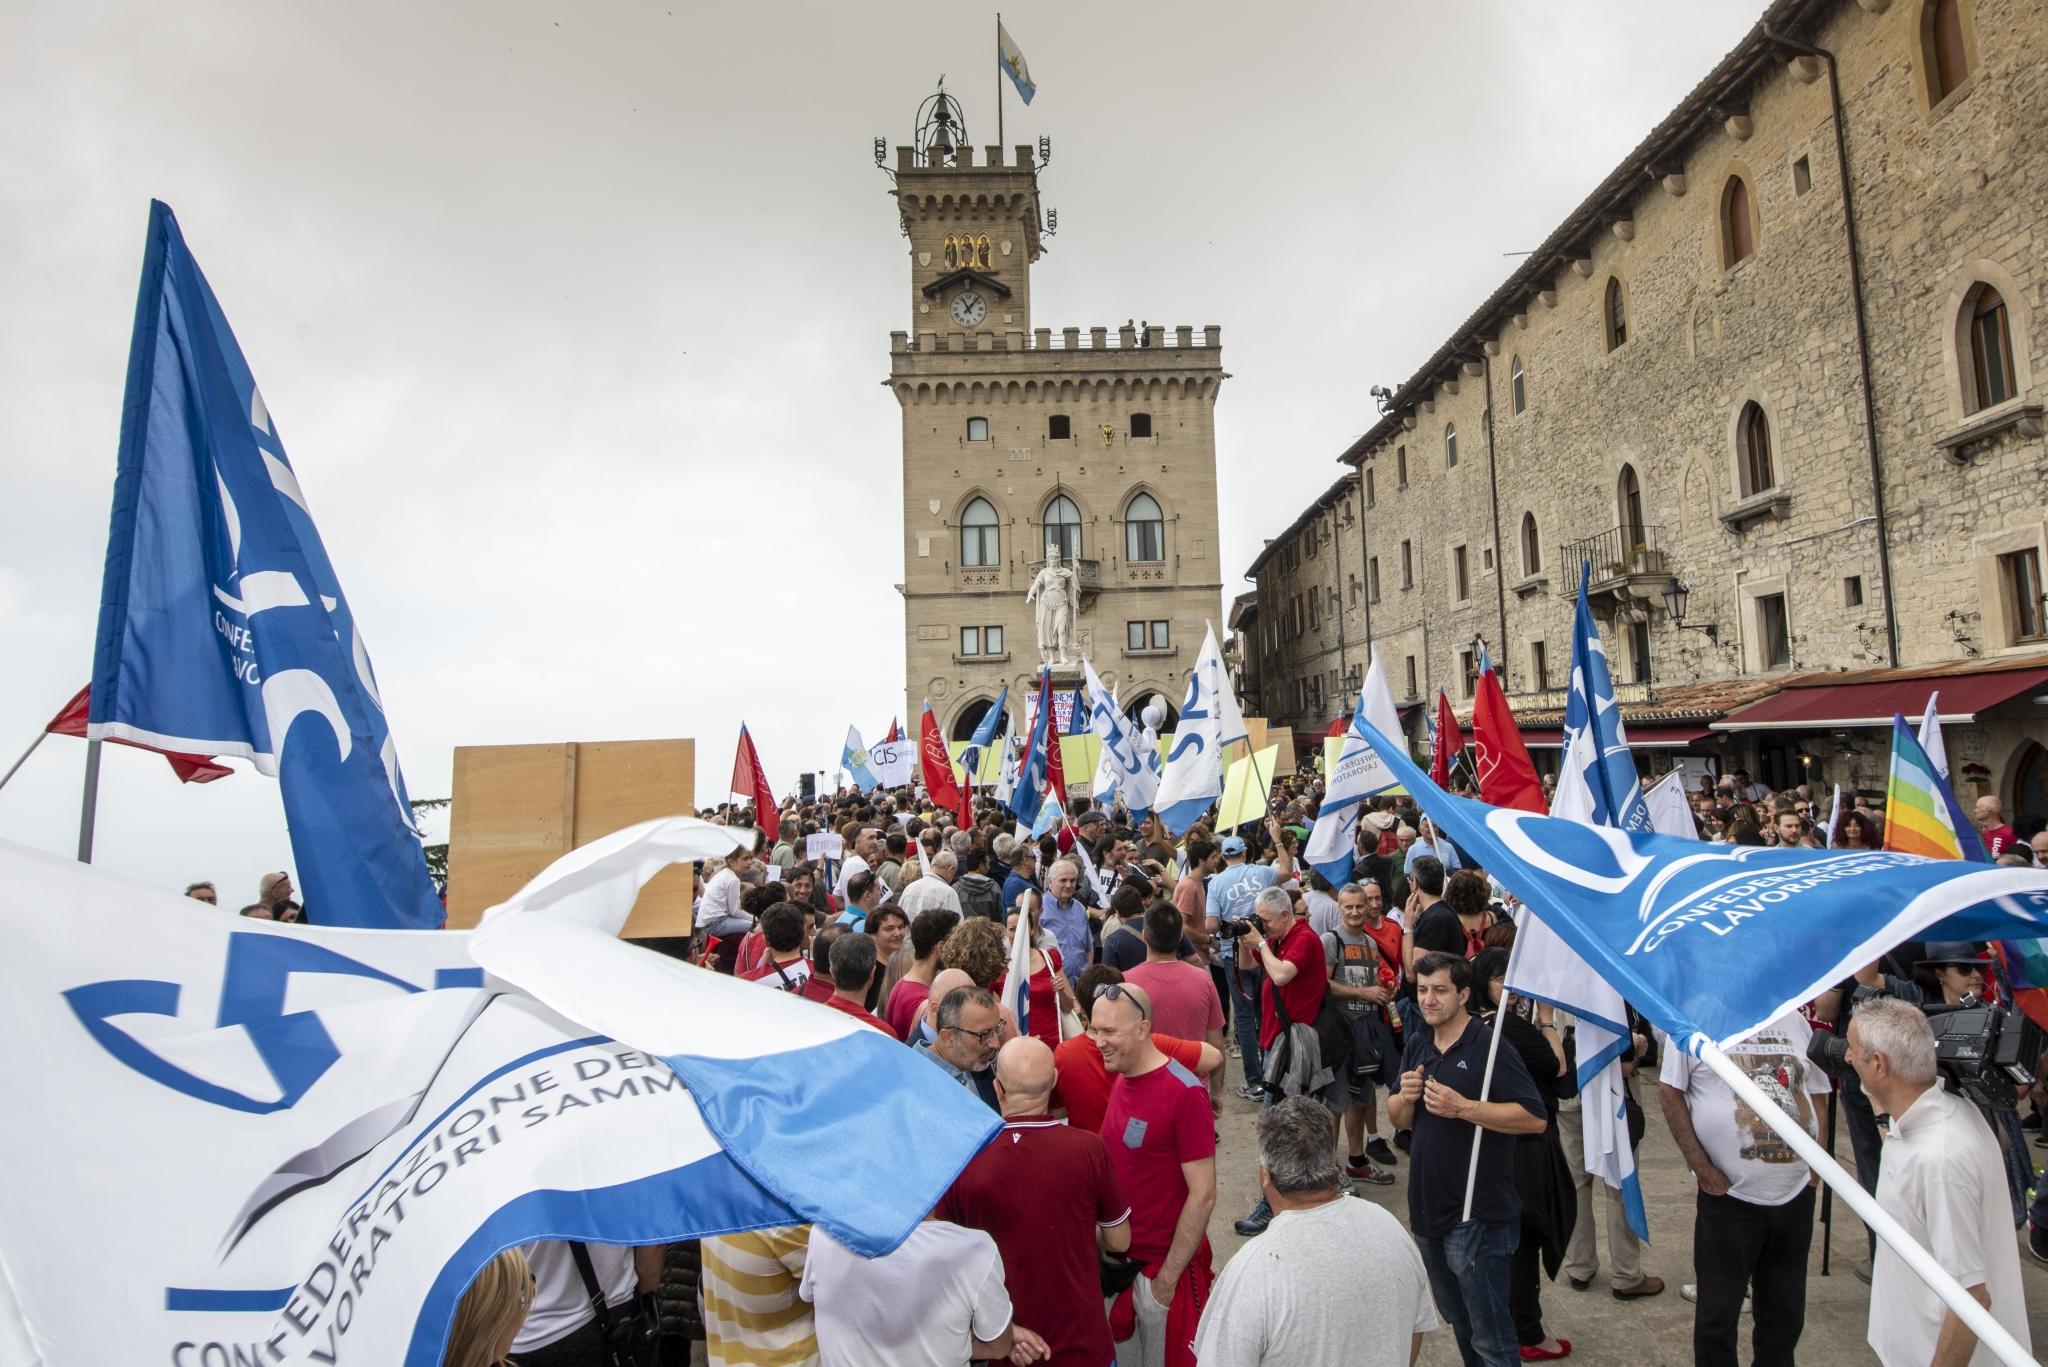 Confronto dopo lo sciopero: dalla maggioranza comunicato mistificatorio